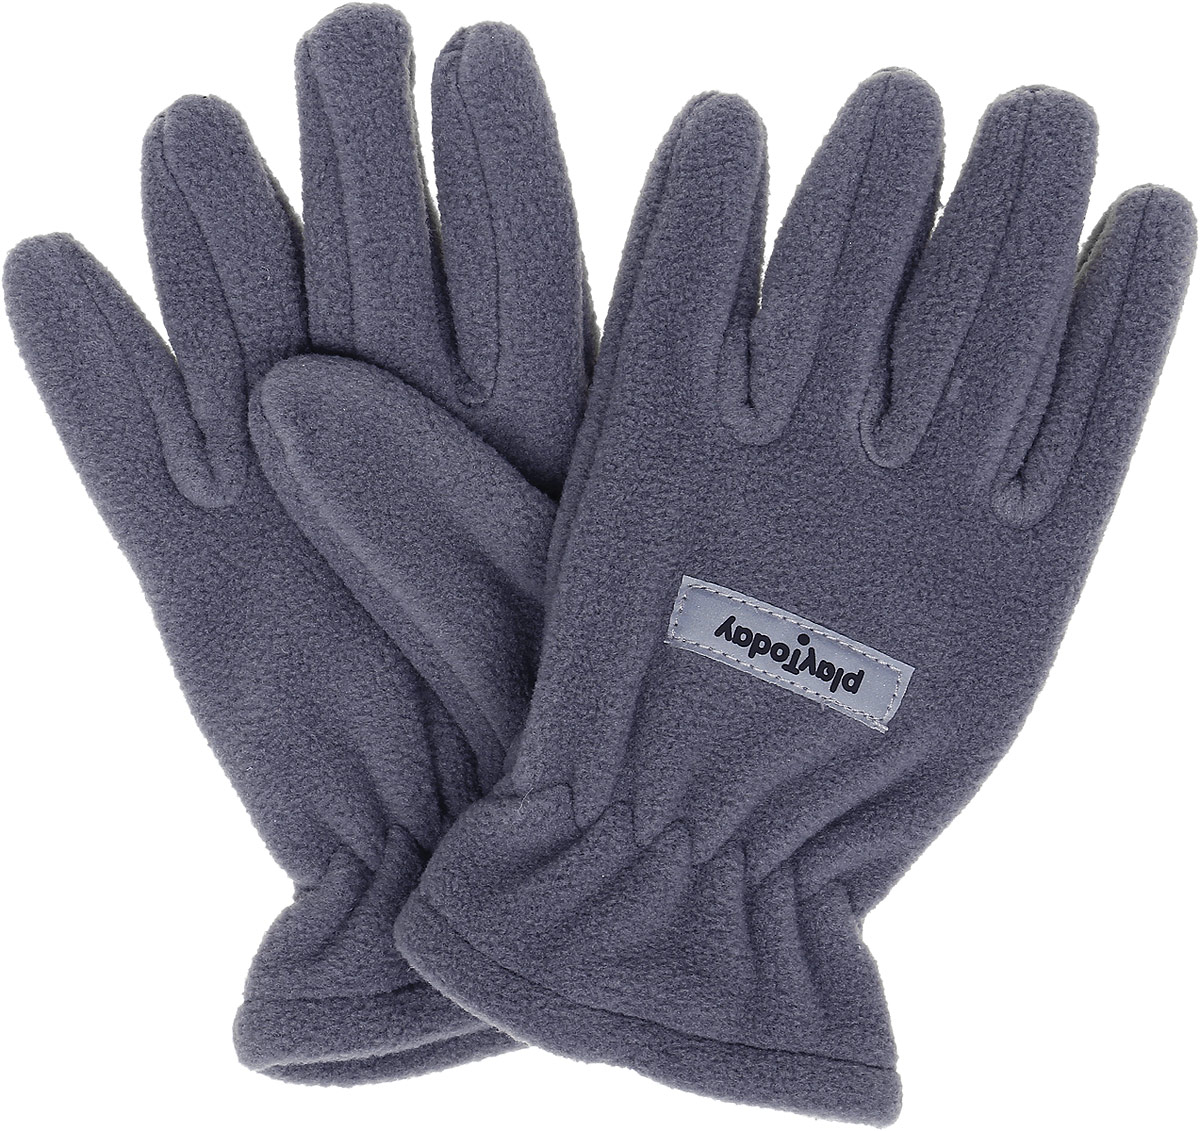 Перчатки для мальчика PlayToday, цвет: серый. 370012. Размер 13370012Перчатки из теплого флиса PlayToday - отличное решение для прогулок в холодную погоду. Запястья модели дополнены резинкой для комфортной посадки и дополнительного сохранения тепла. Перчатки дополнены специальными крючками, при необходимости их можно скрепить между собой или пристегнуть к куртке.